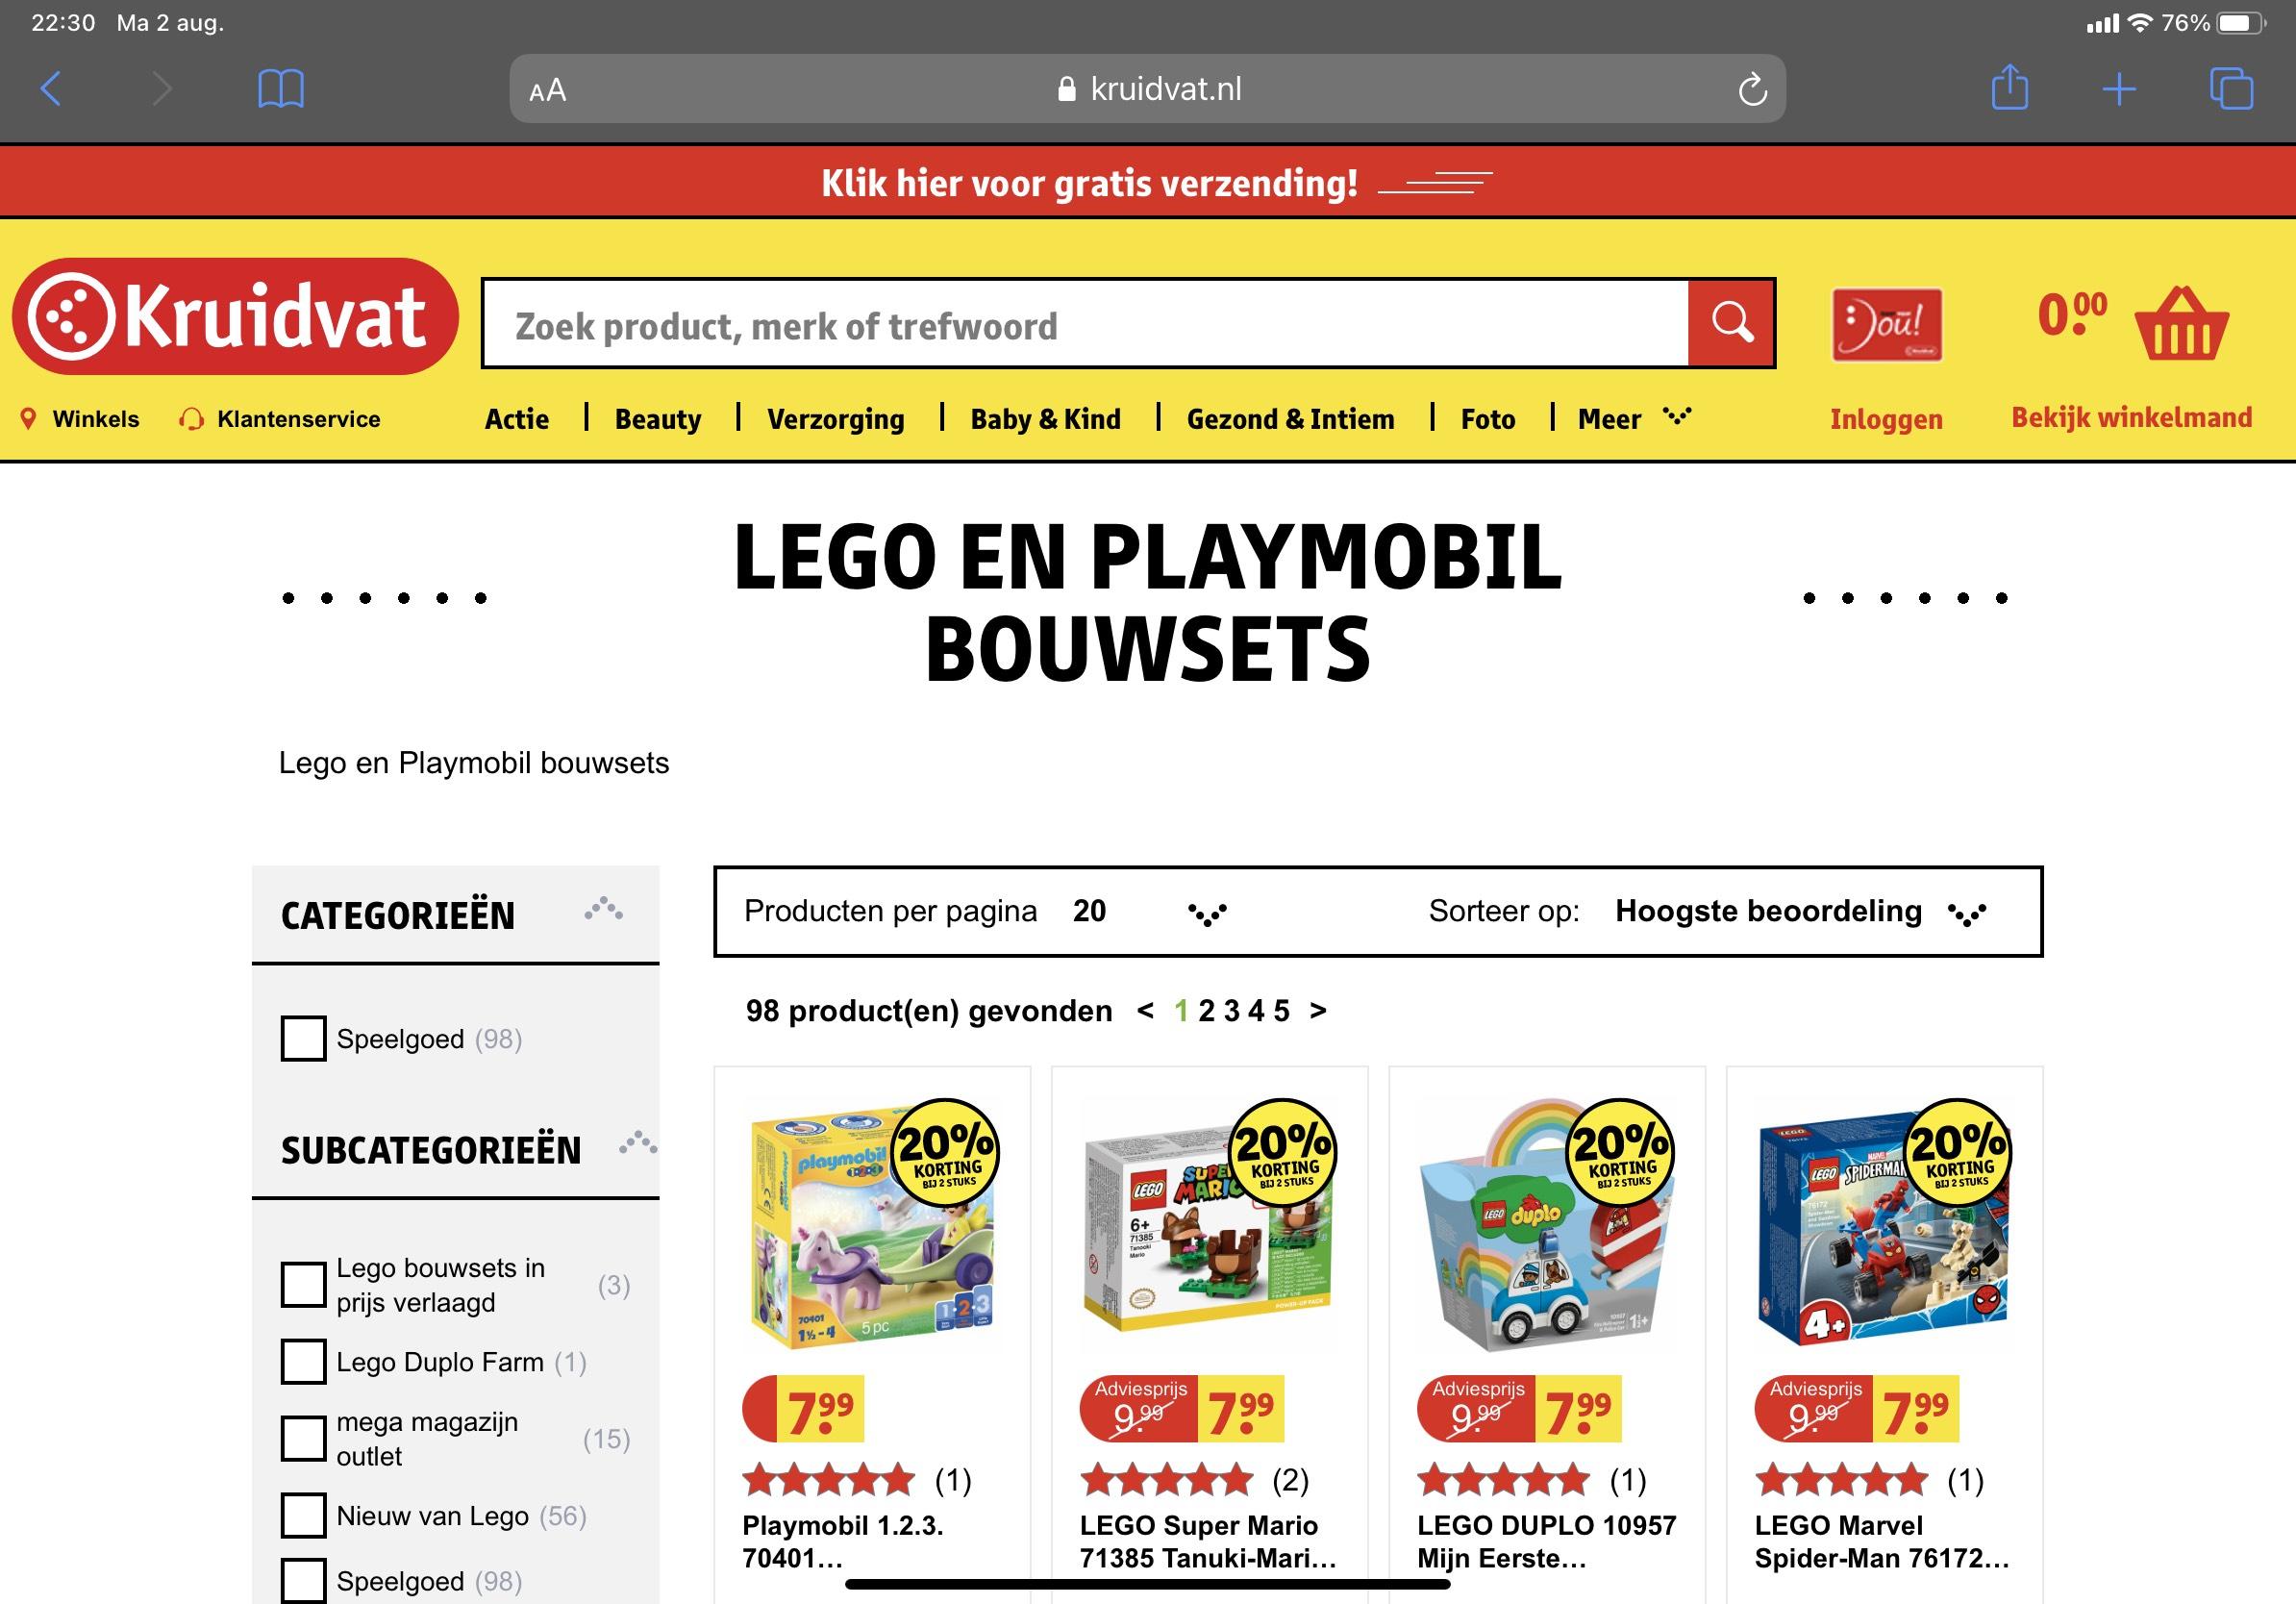 Lego en playmobil 20 procent korting bij 2 stuks bij Kruidvat